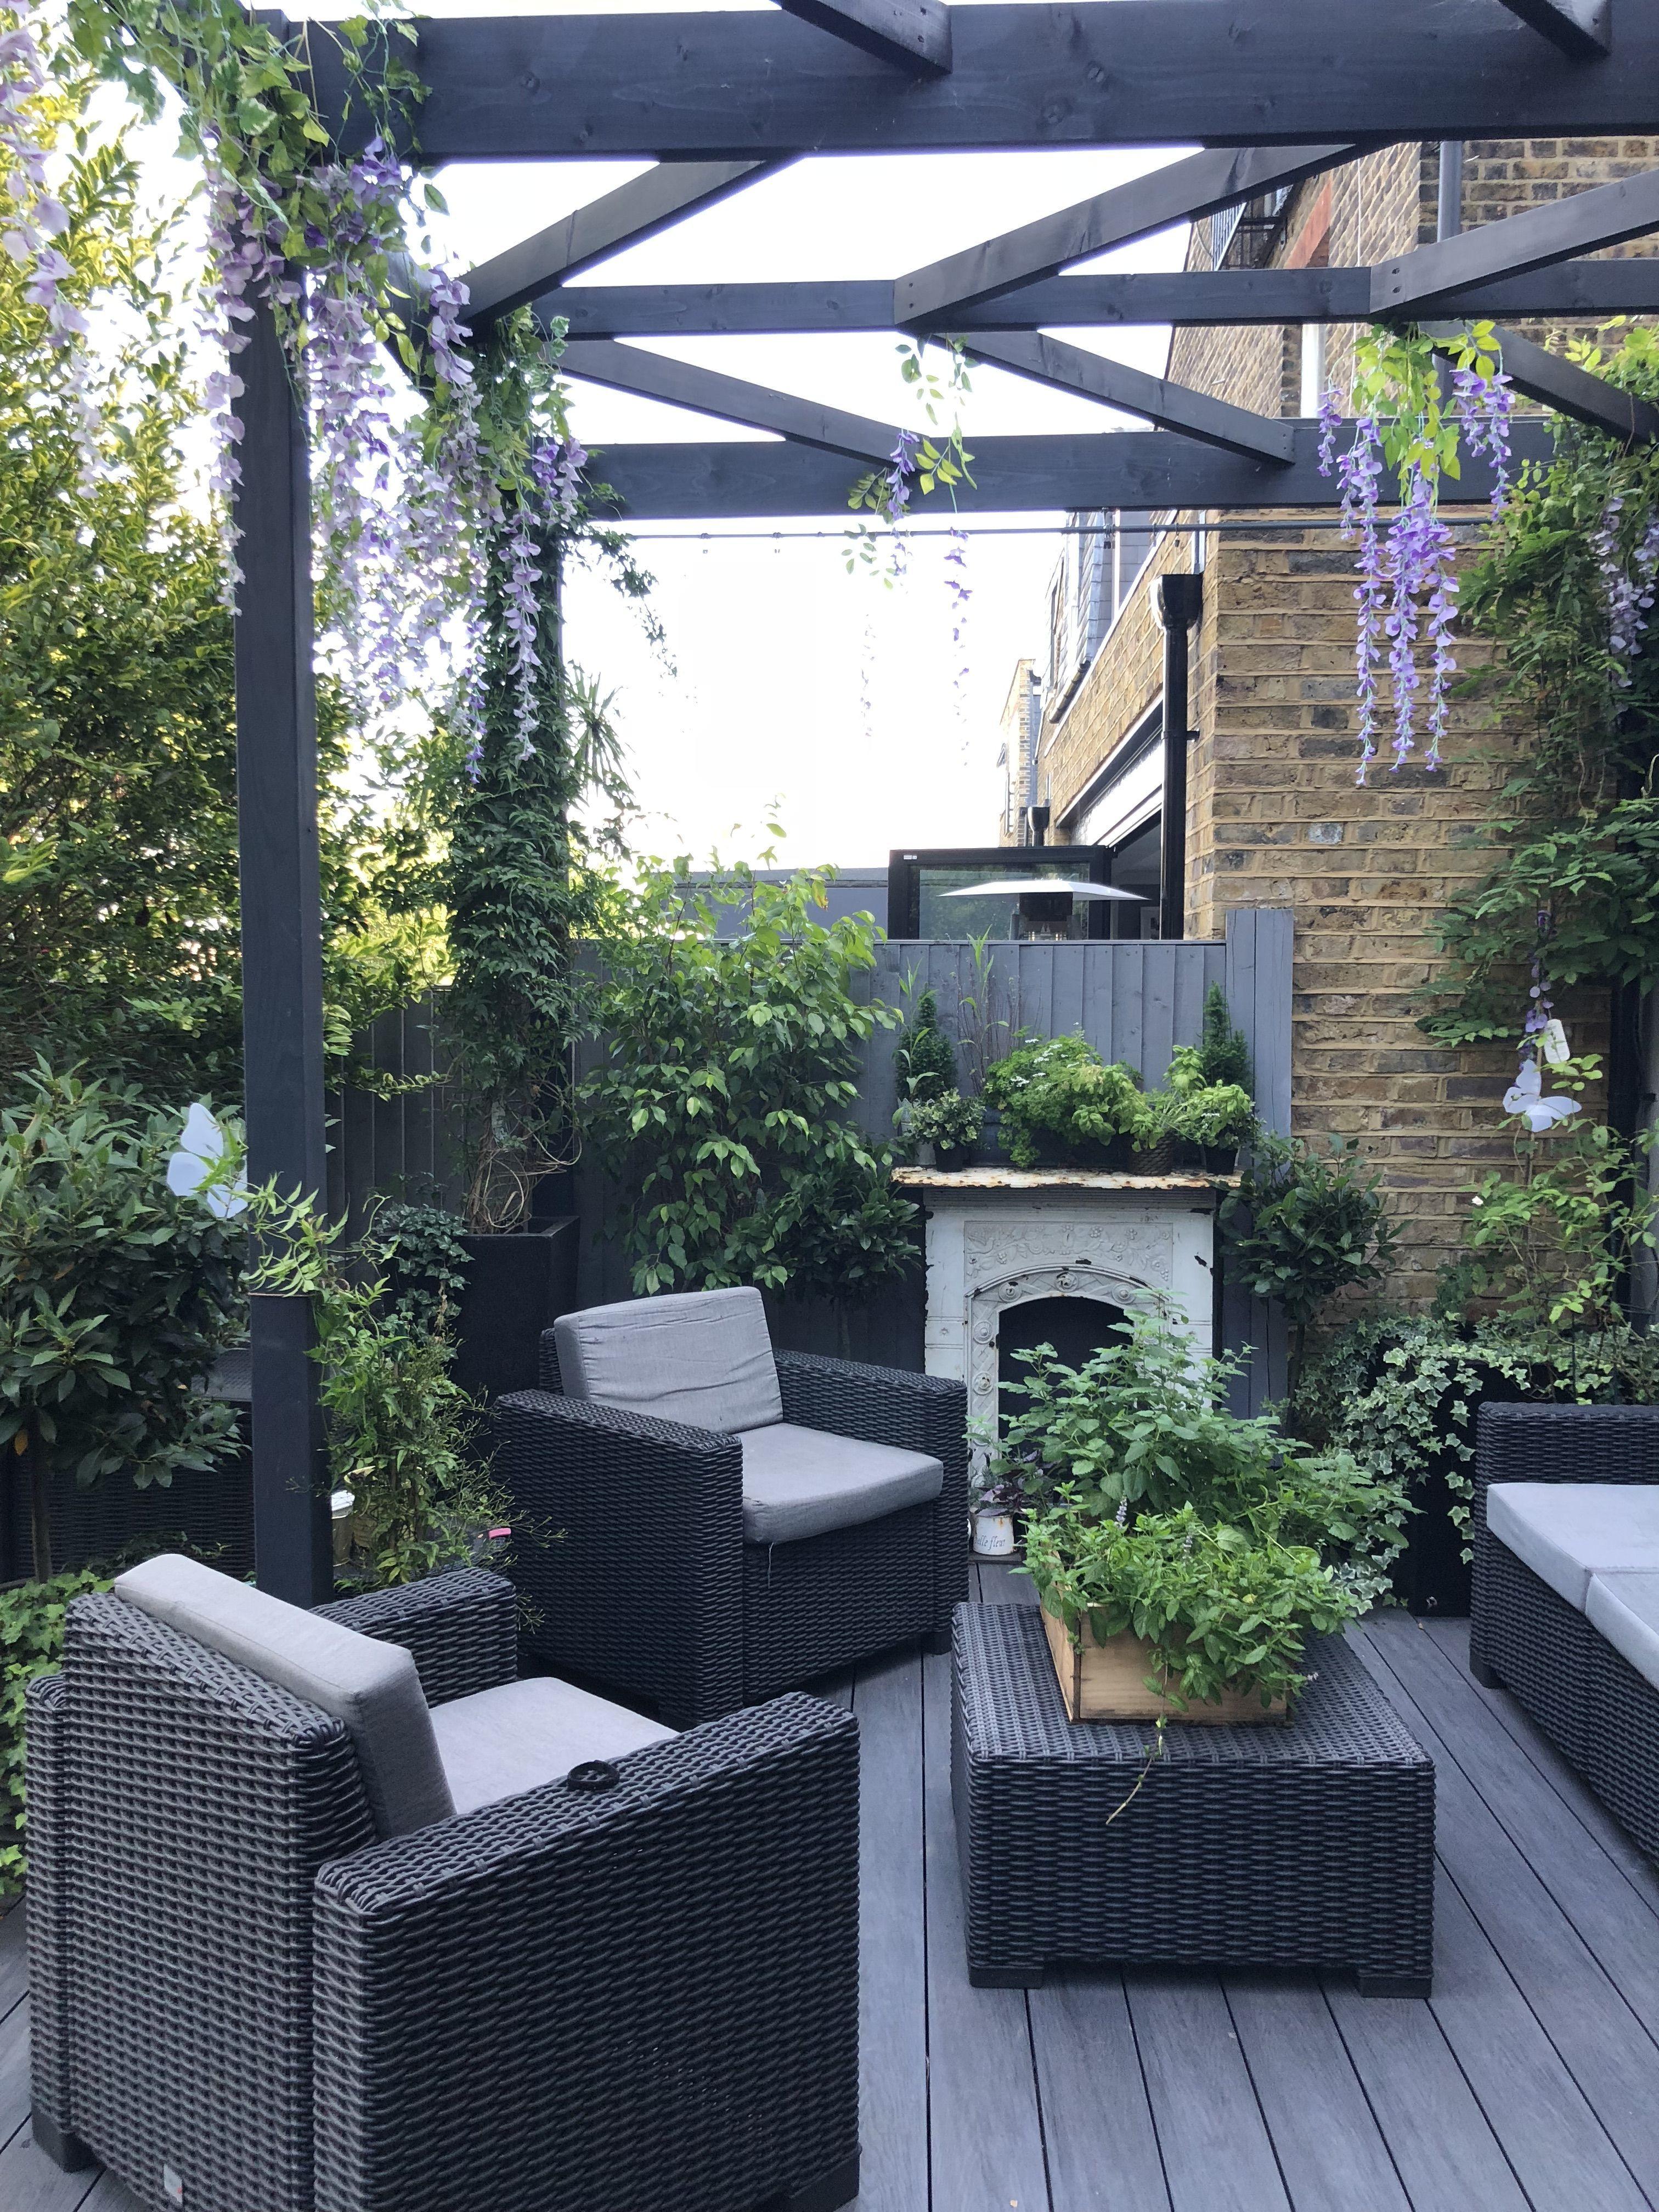 my outdoor patio deck area. outdoor living room. bringing ... on My Garden Outdoor Living  id=20795